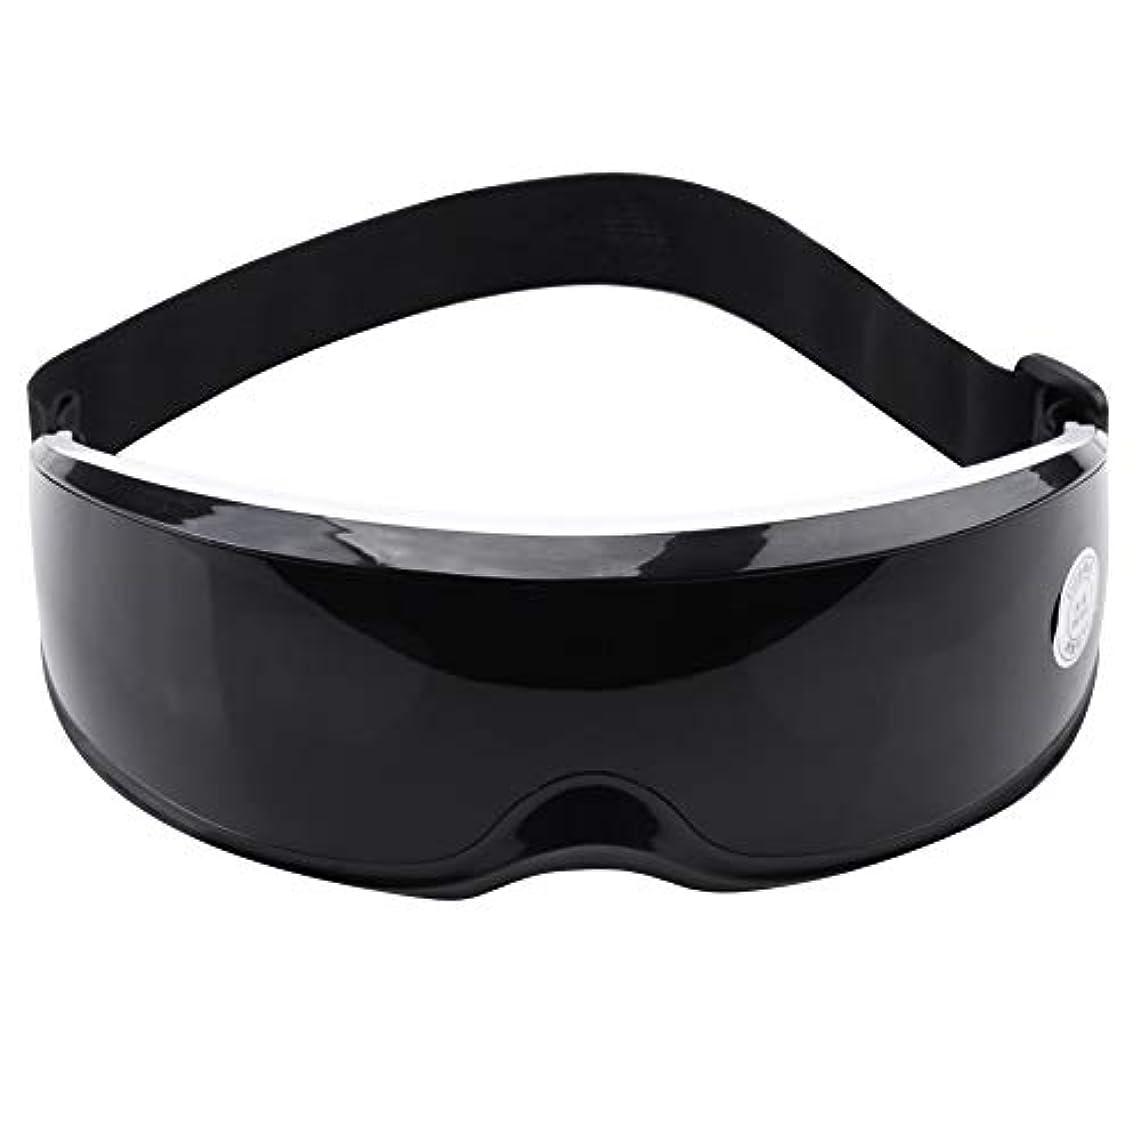 痛い入力控えめな目のための再充電可能な電気振動目の心配のマッサージャー(私たち)